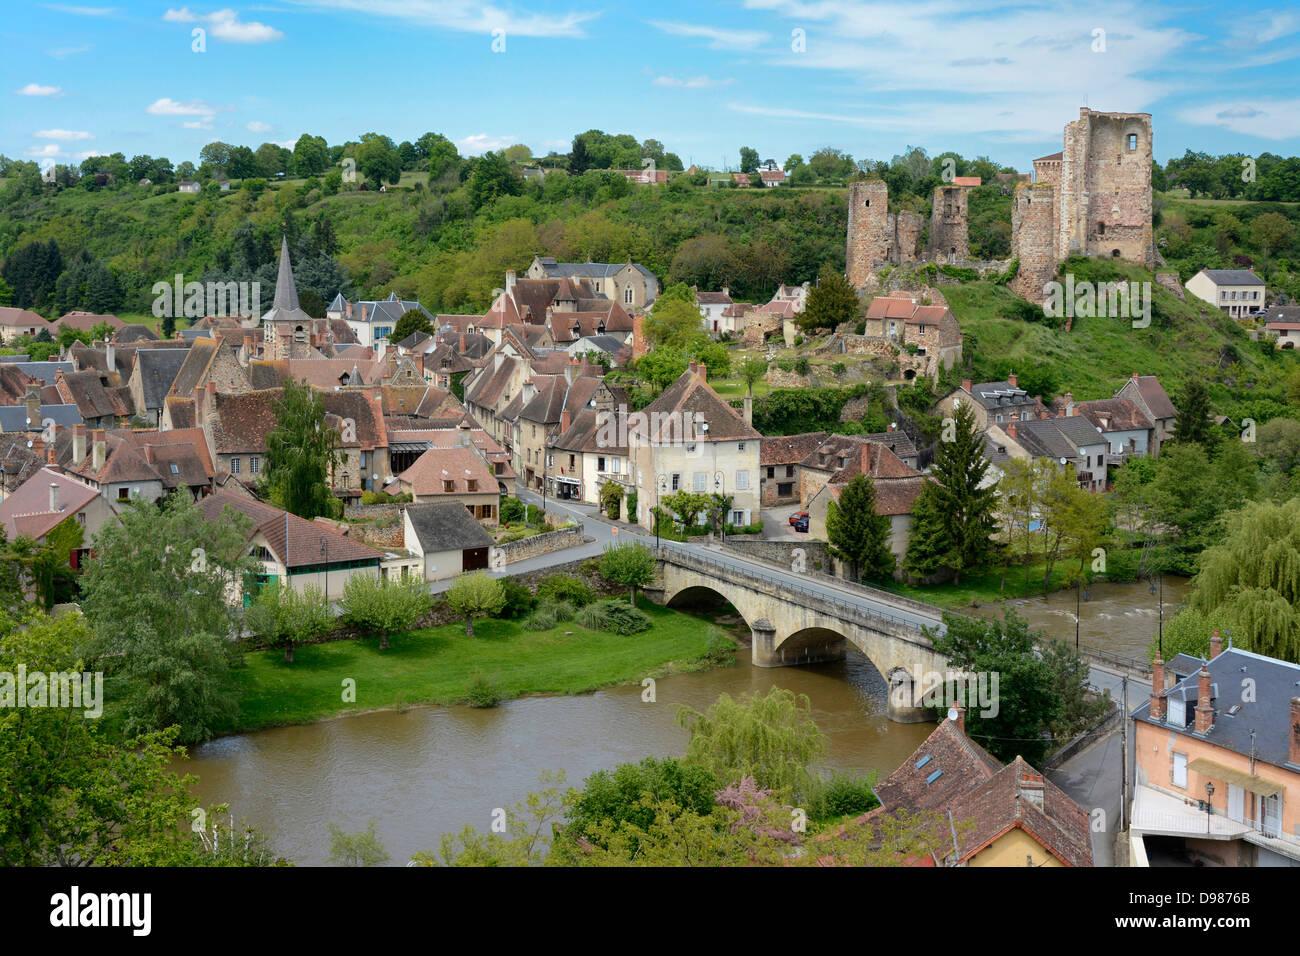 Village Of Herisson  The Castle  Bourbonnais  Allier  Auvergne Stock Photo